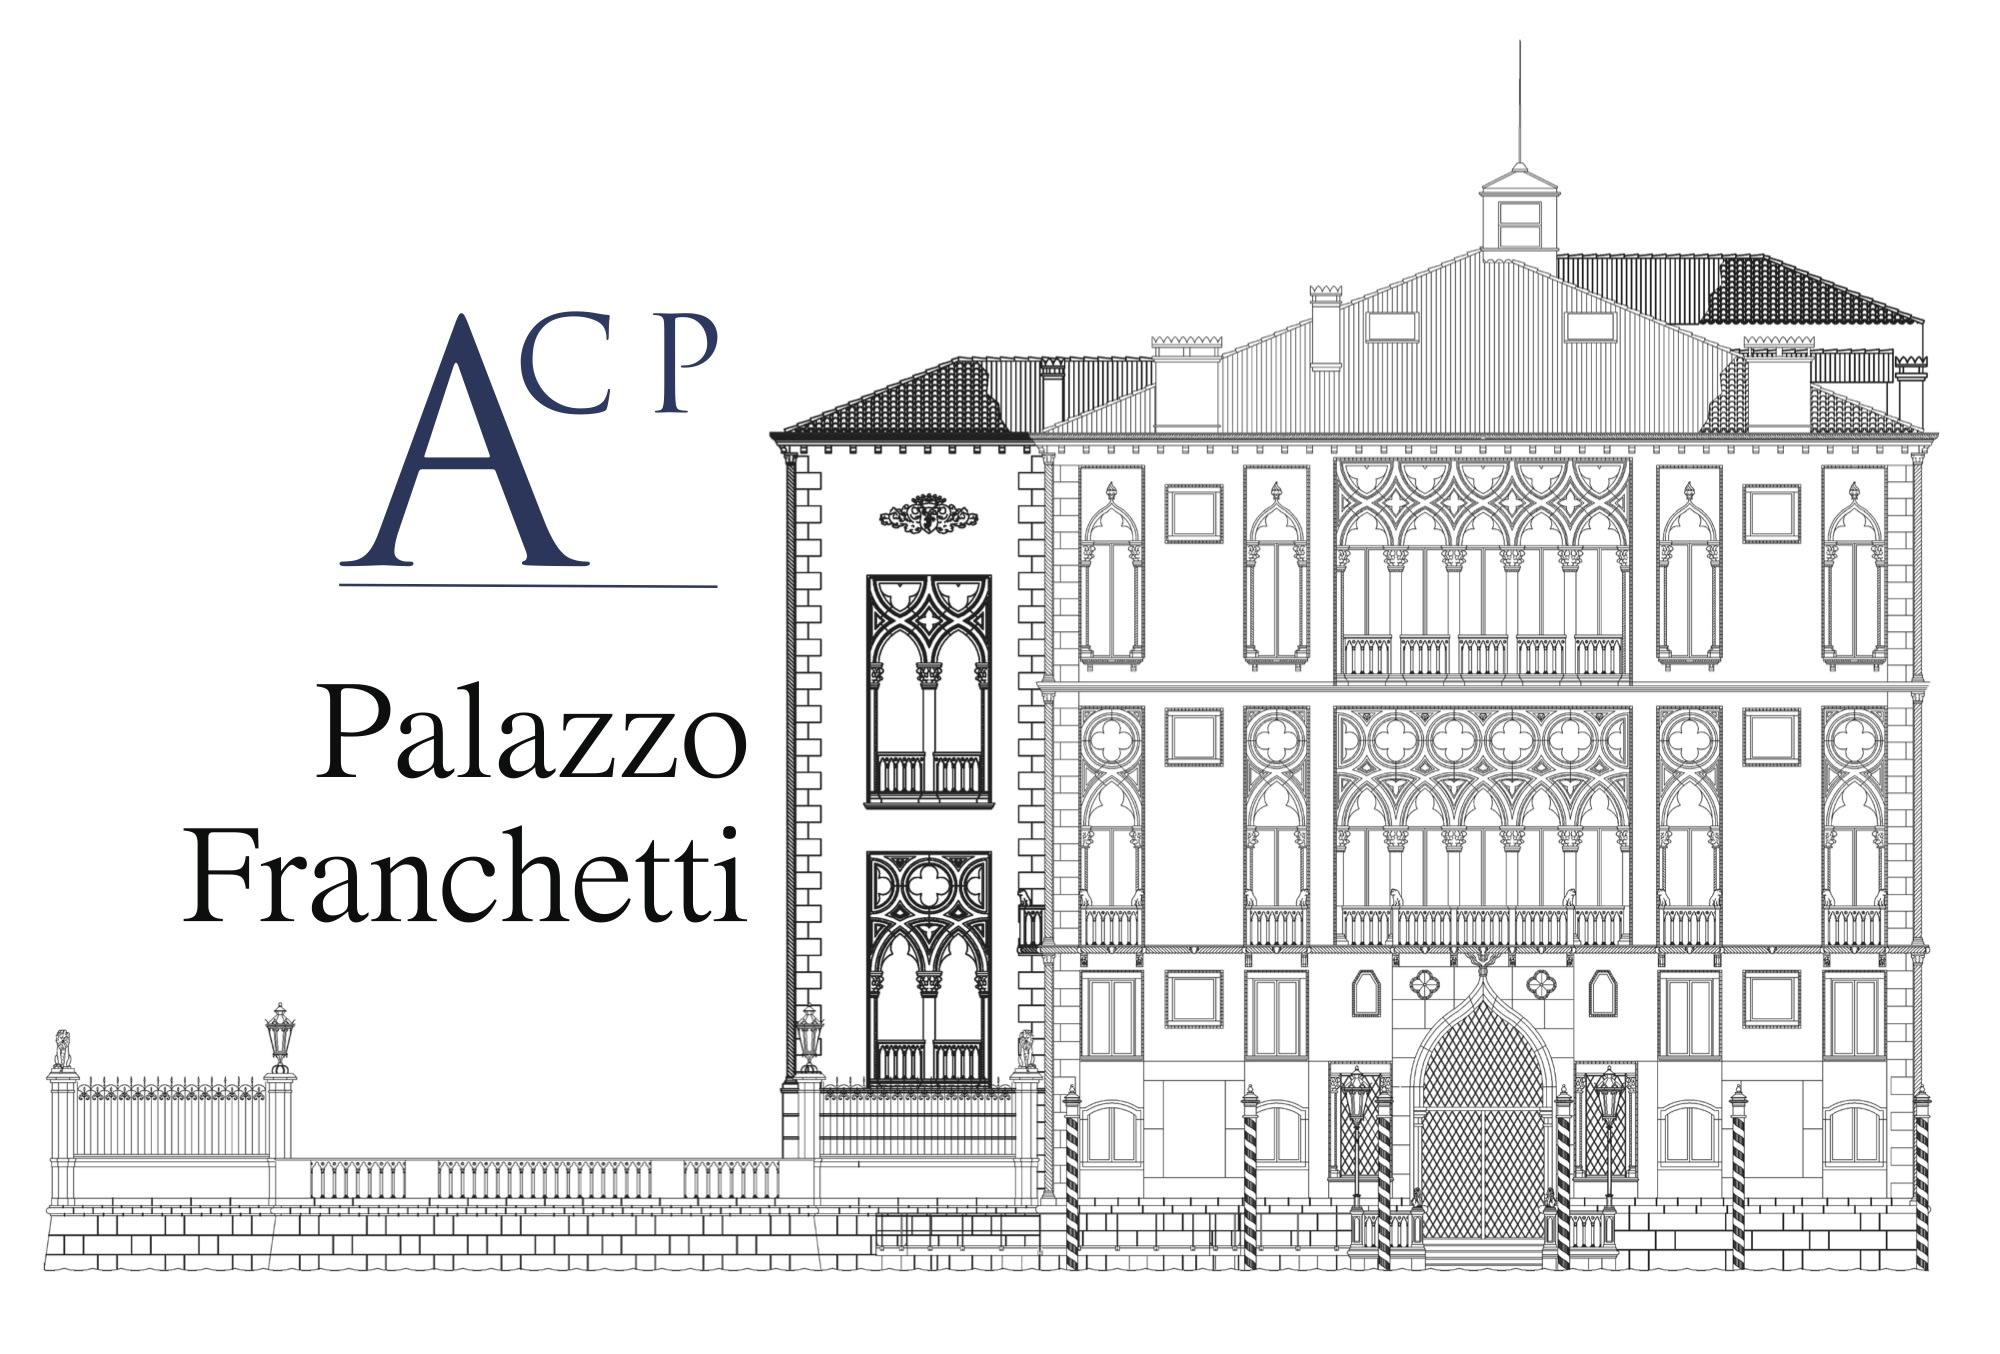 logo ACP Palazzo Franchetti © ACP - Art Capital Partners